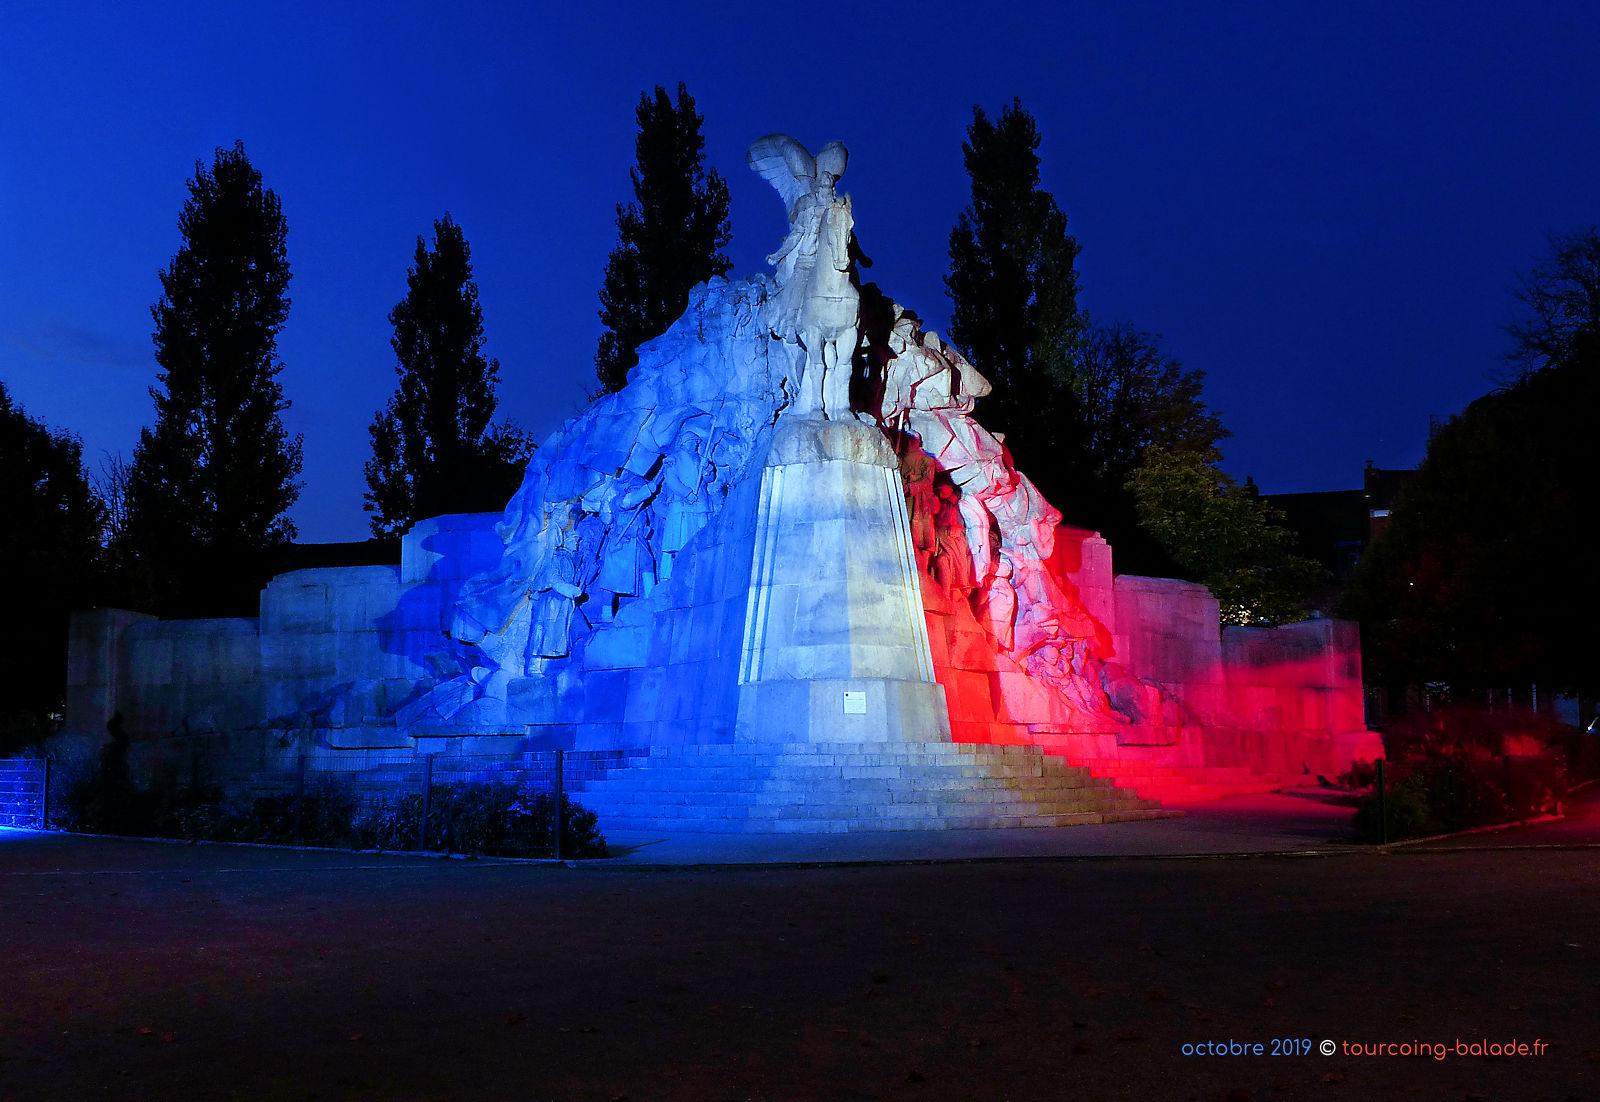 Monument de la Victoire - Tourcoing nuit 2019